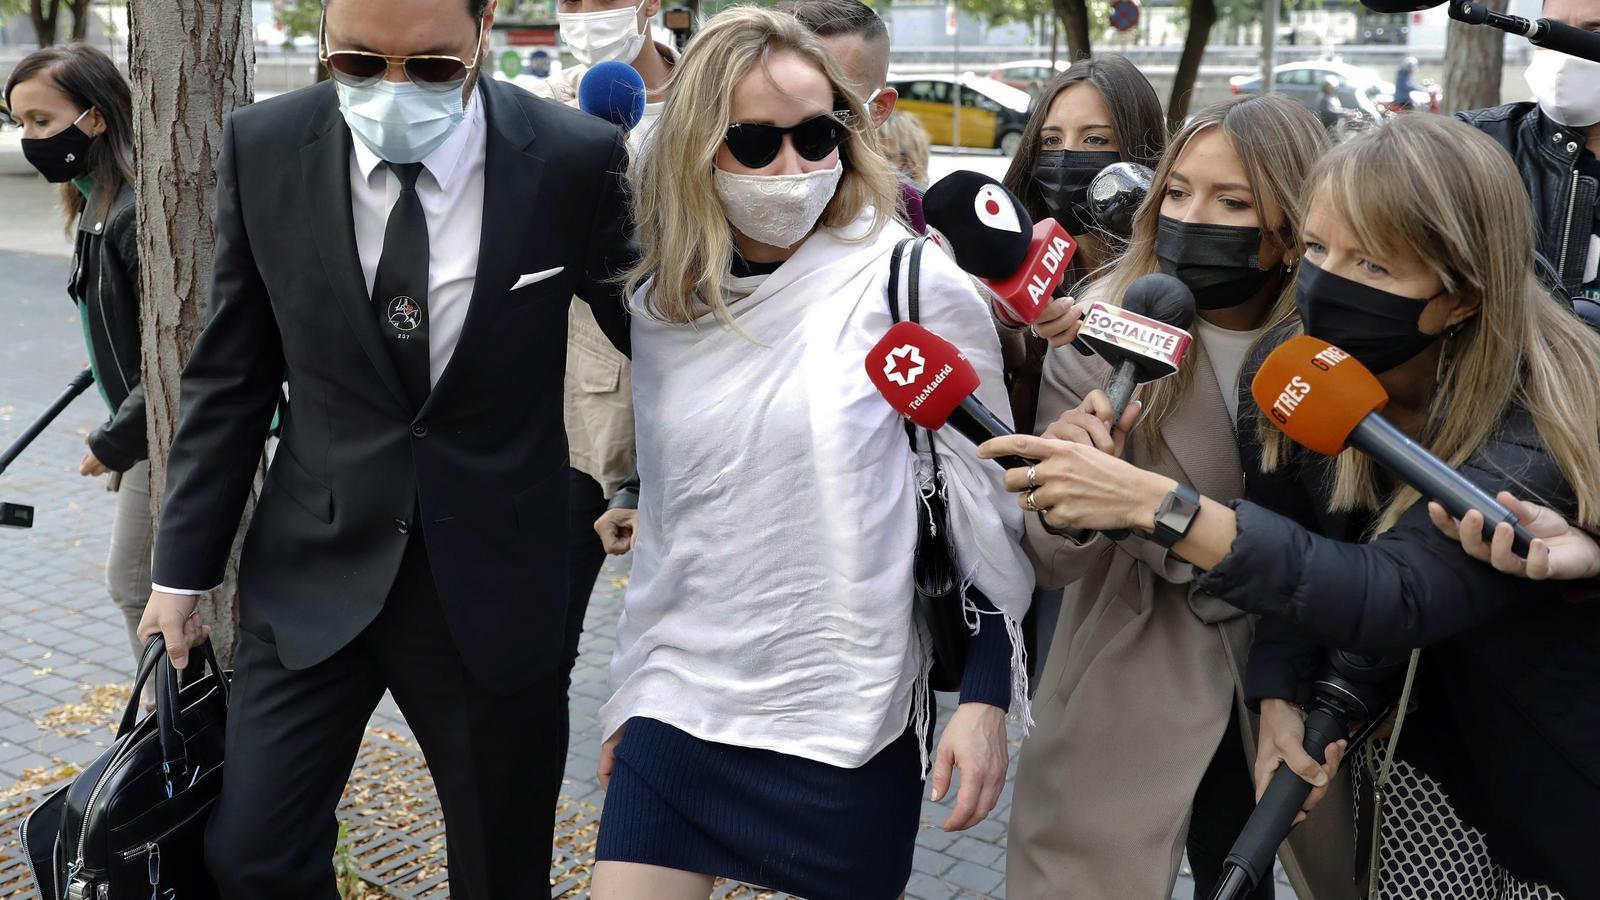 Ángela Dobrowolski a l'entrada dels jutjats avui a Barcelona acompanyada del seu advocat, Jorge Albertini